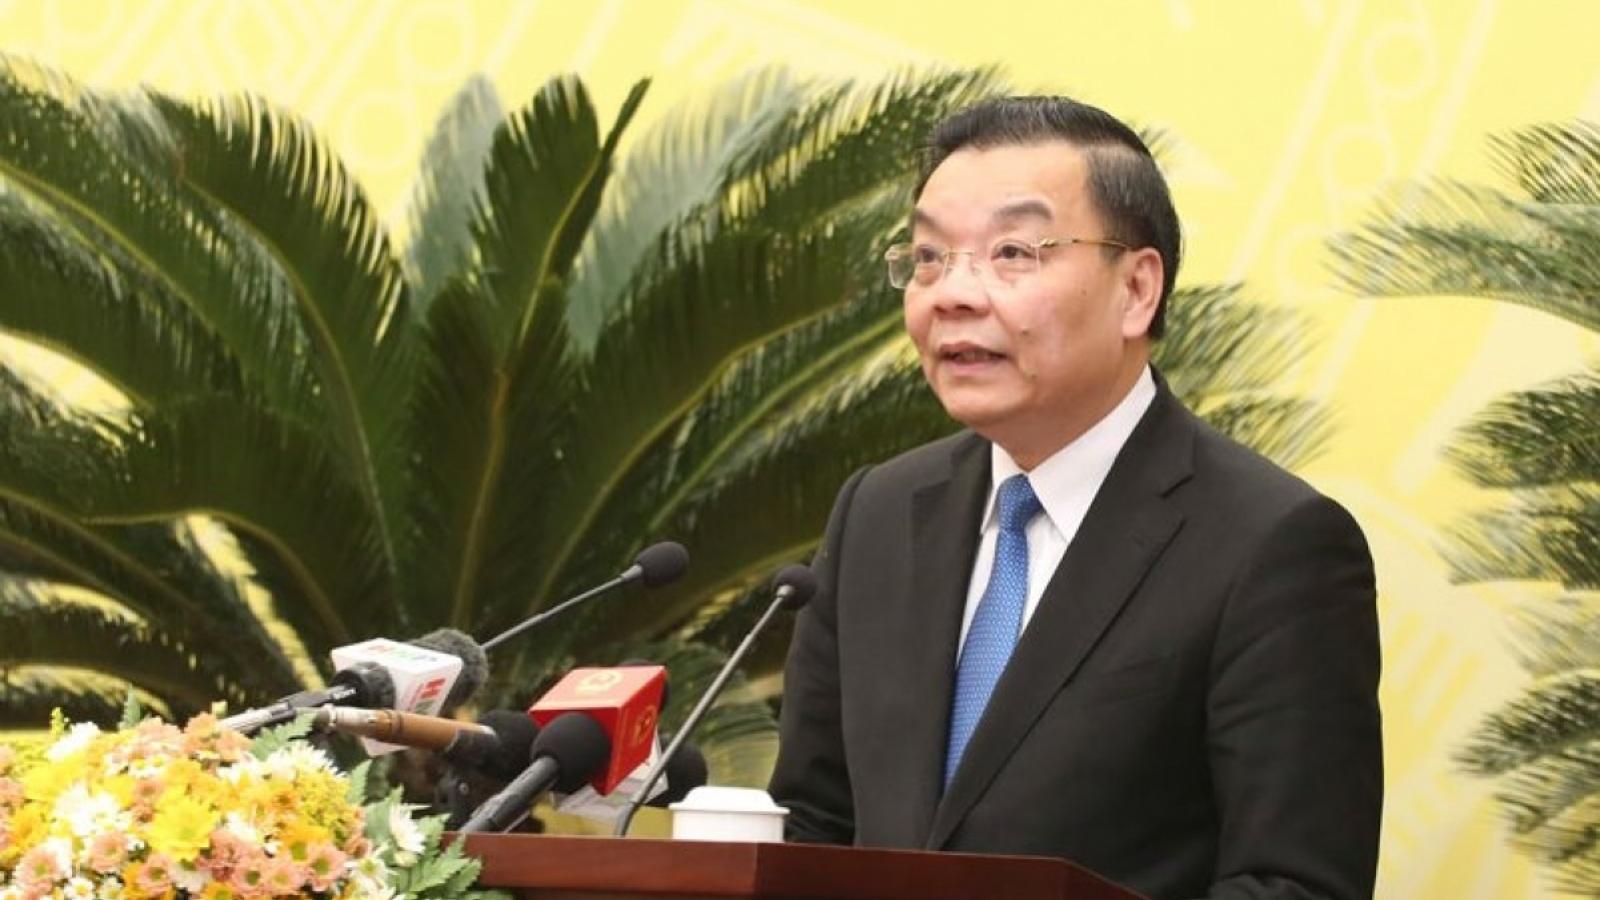 Chủ tịch Hà Nội yêu cầu xử lý nghiêm các vụ nhập cảnh trái phép